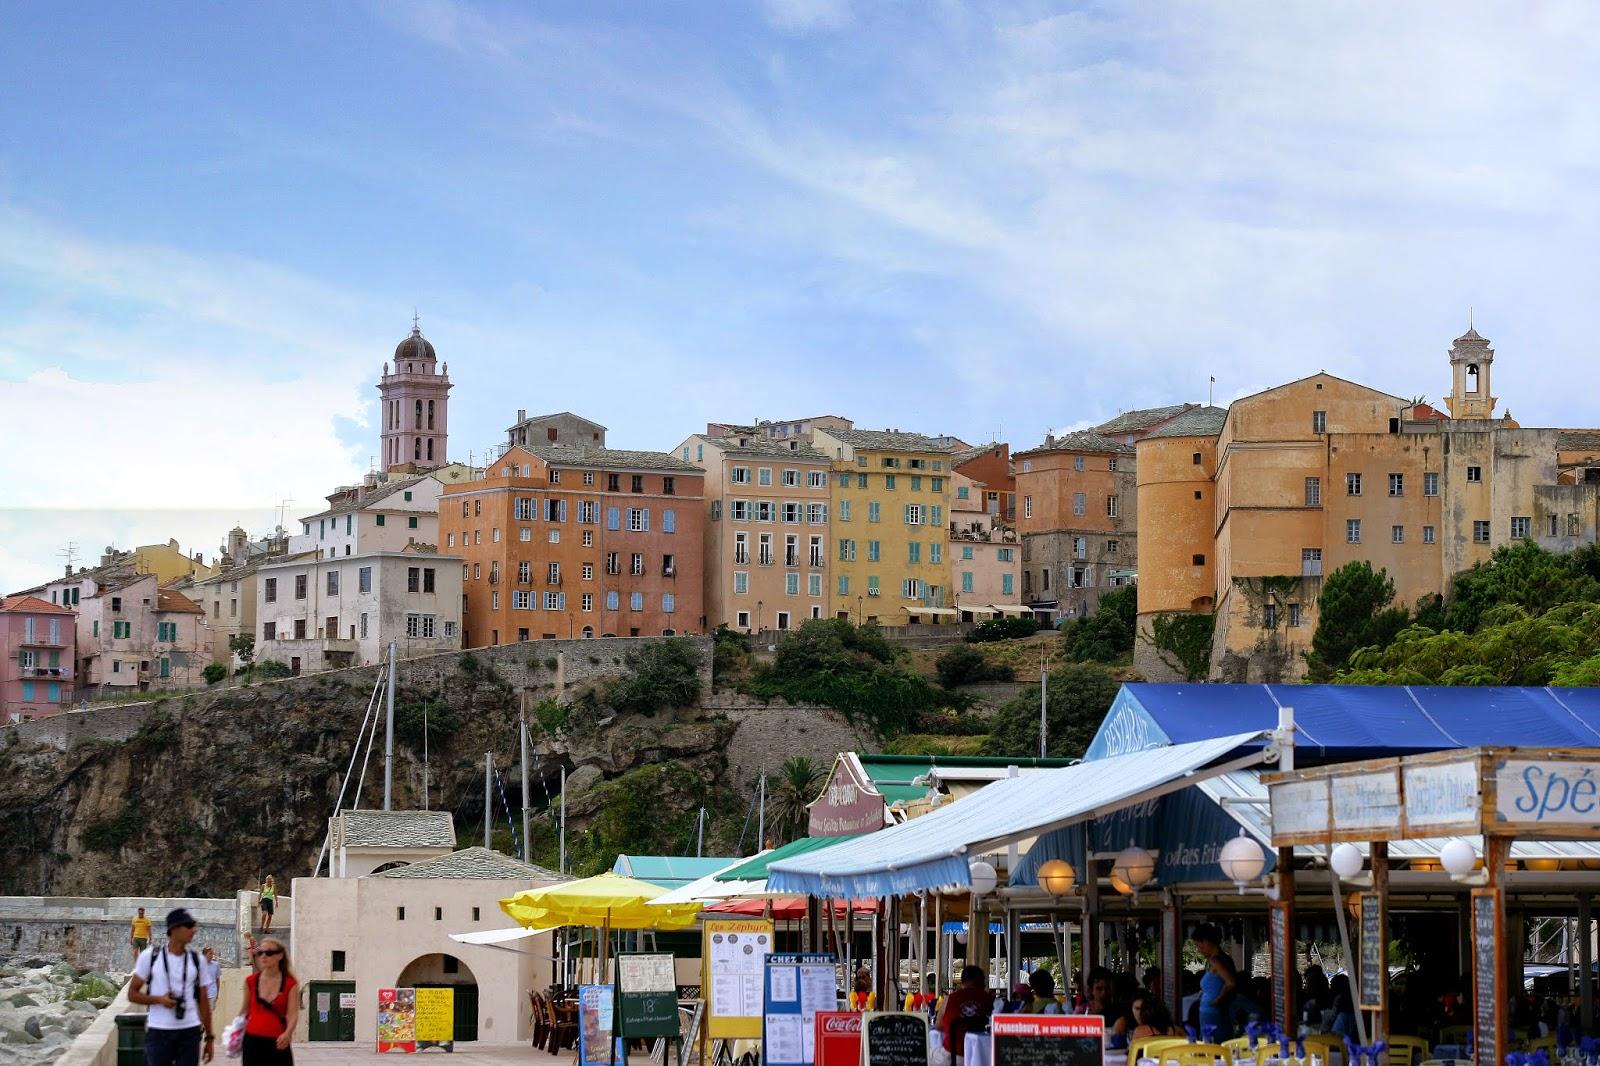 Rencontre Femme Corse - Site de rencontre gratuit Corse